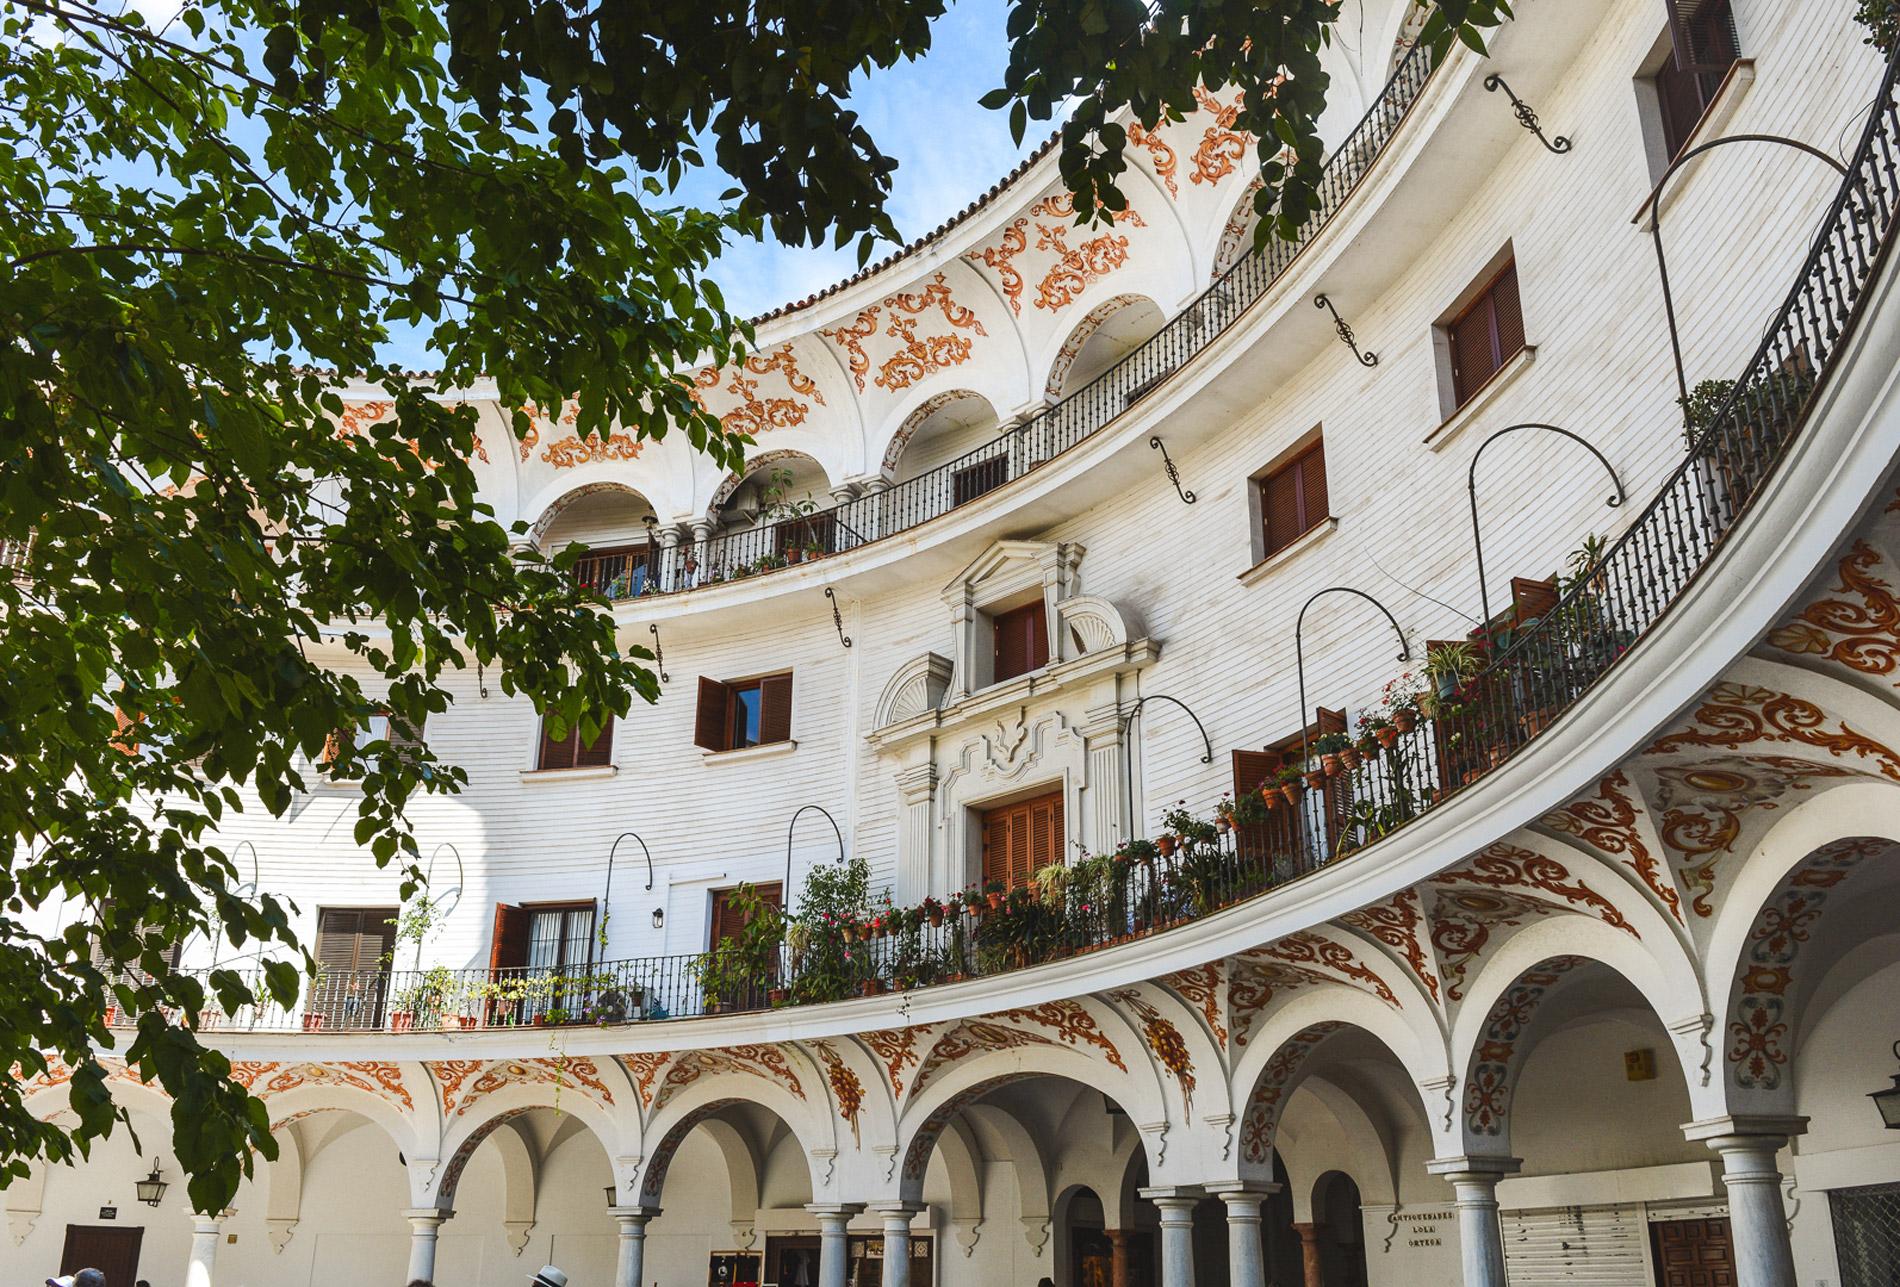 Há pátios magníficos escondidos das ruas principais em Sevilha